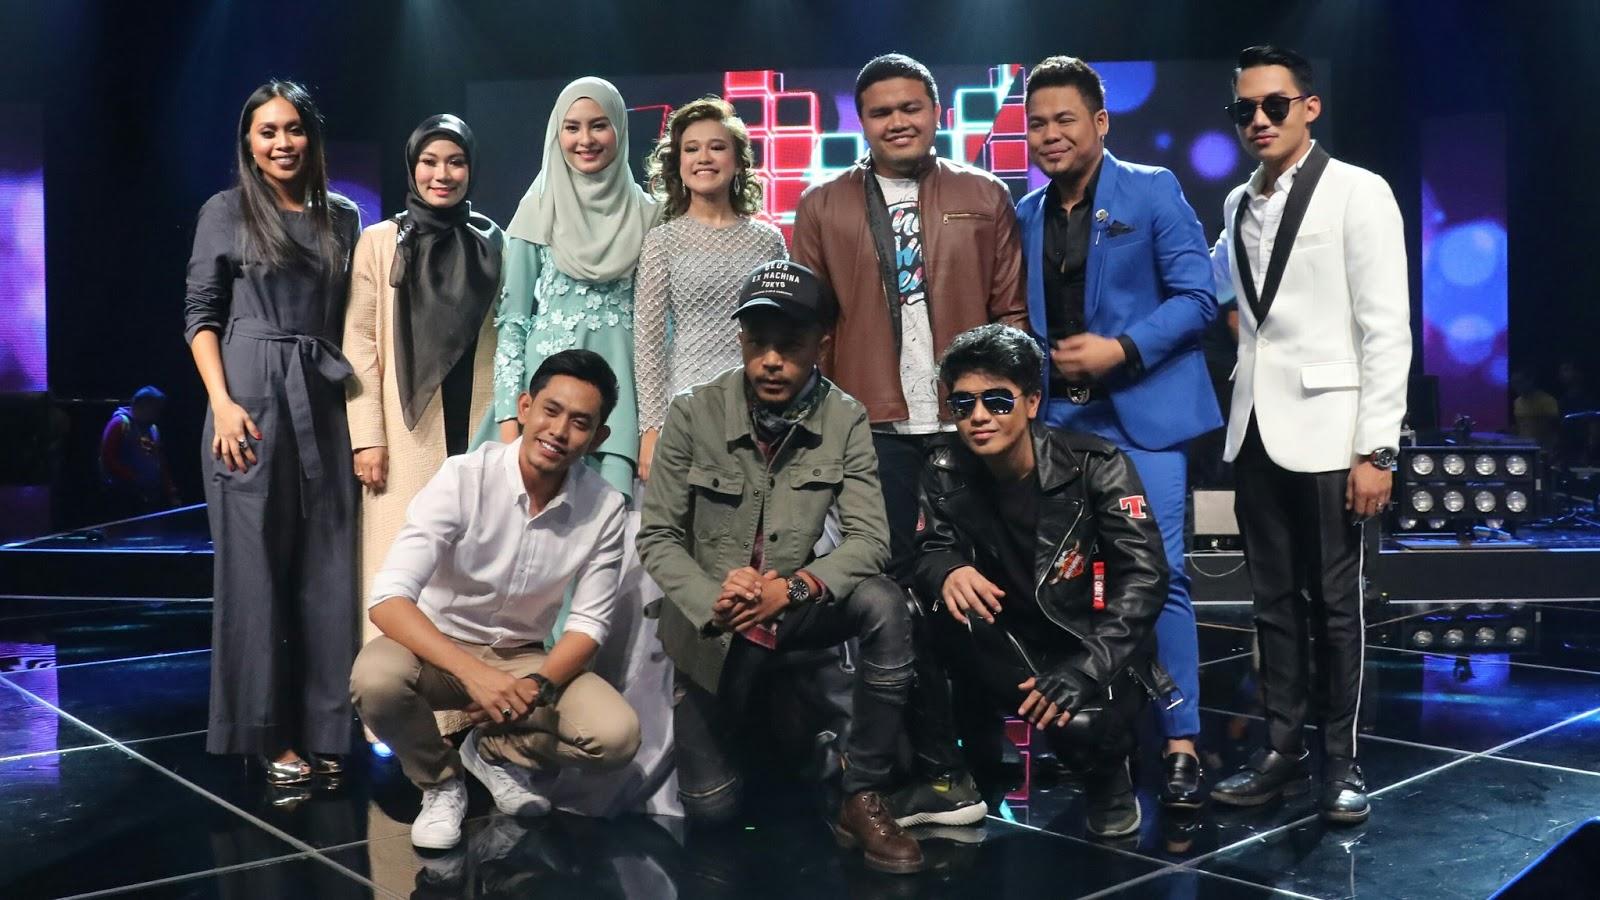 Anugerah juara lagu 32 ajl 32 senarai lagu penyanyi for Floor 88 zalikha lirik